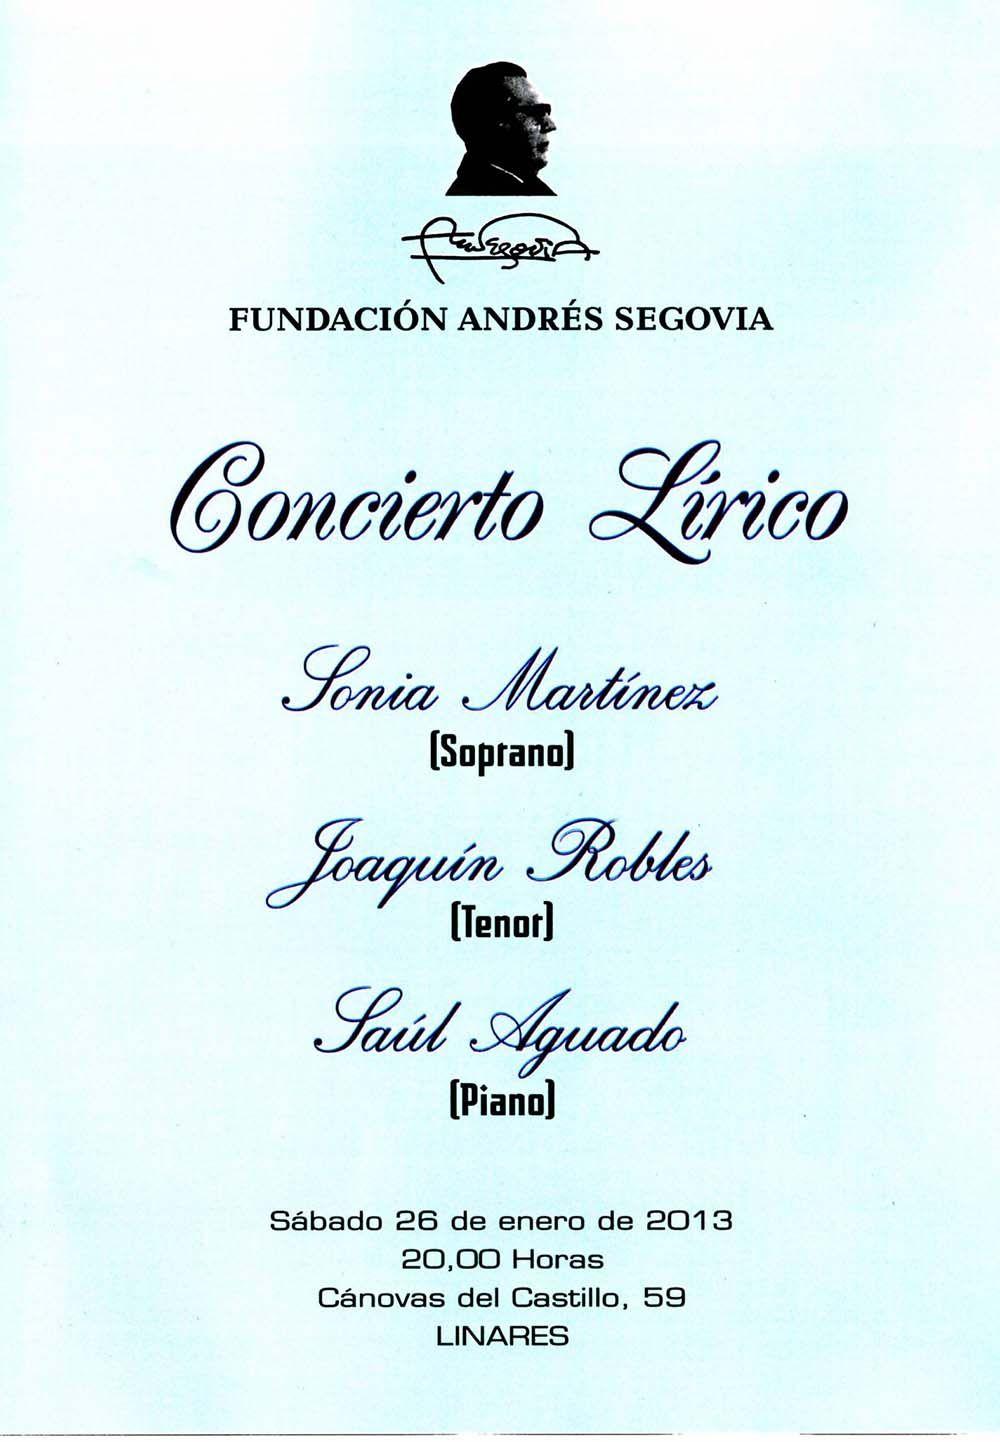 Concierto Lírico en la Fundación Andrés Segovia